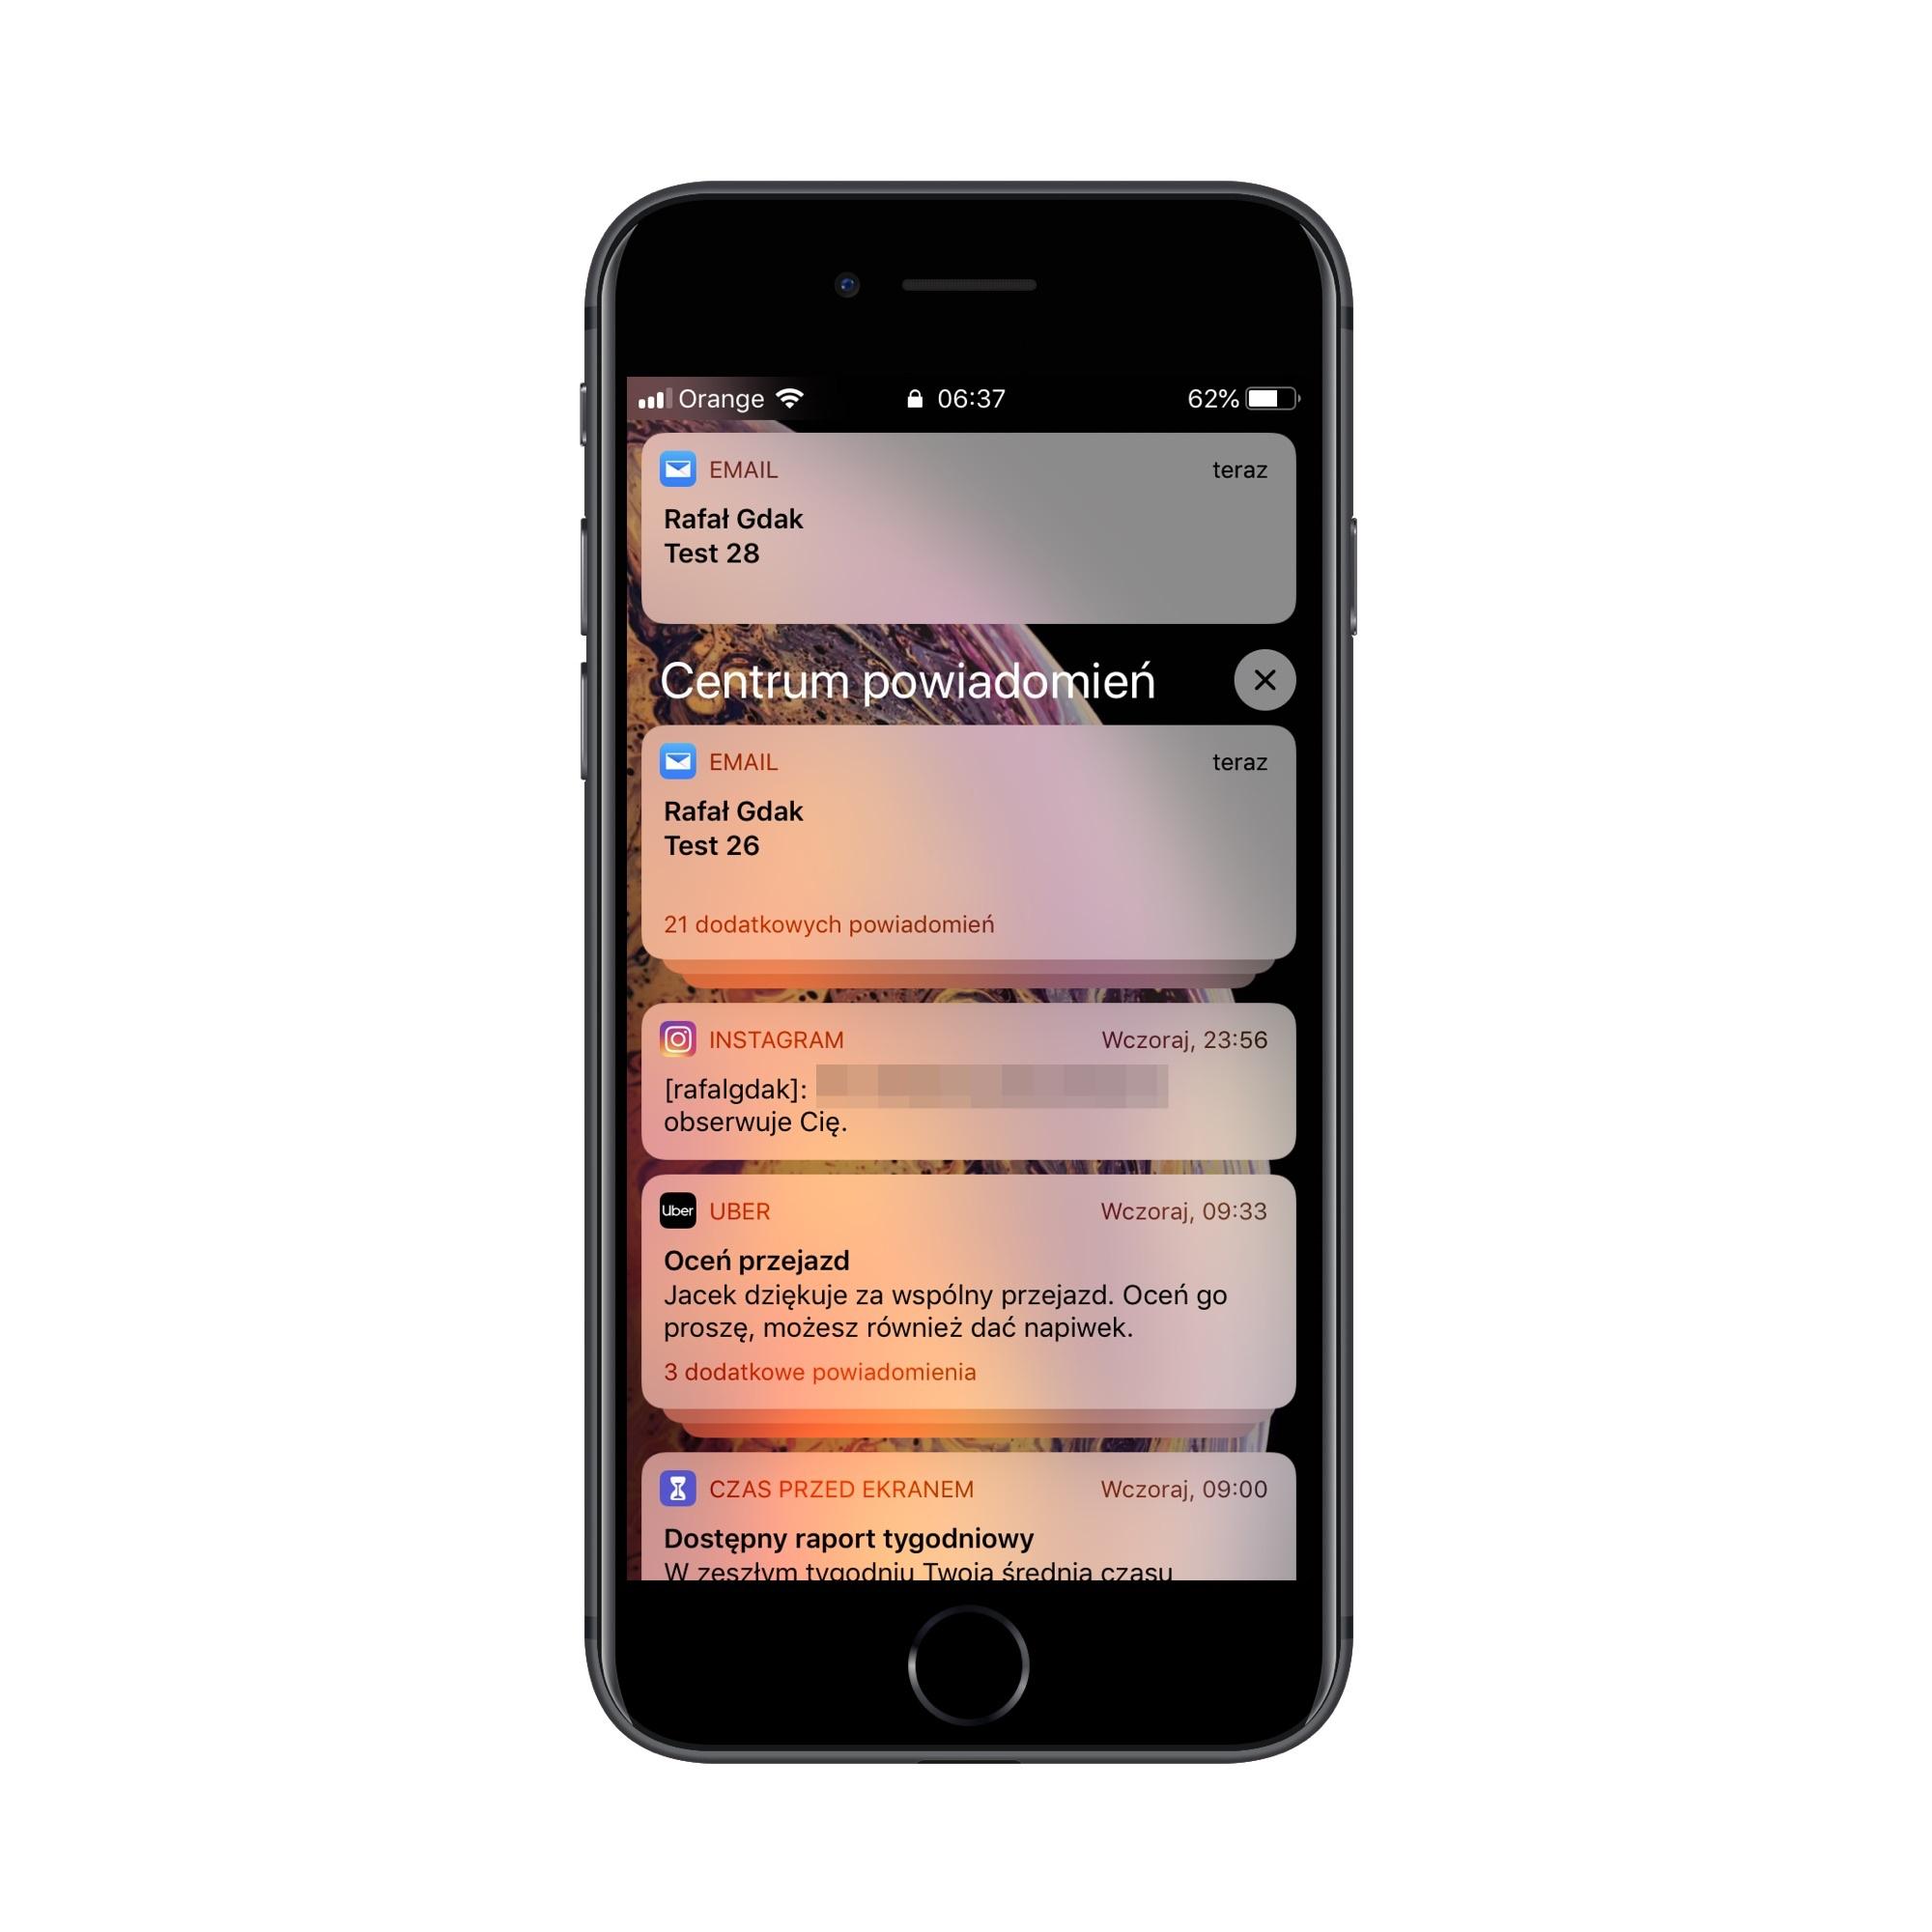 Grupowanie powiadomień w iOS 12